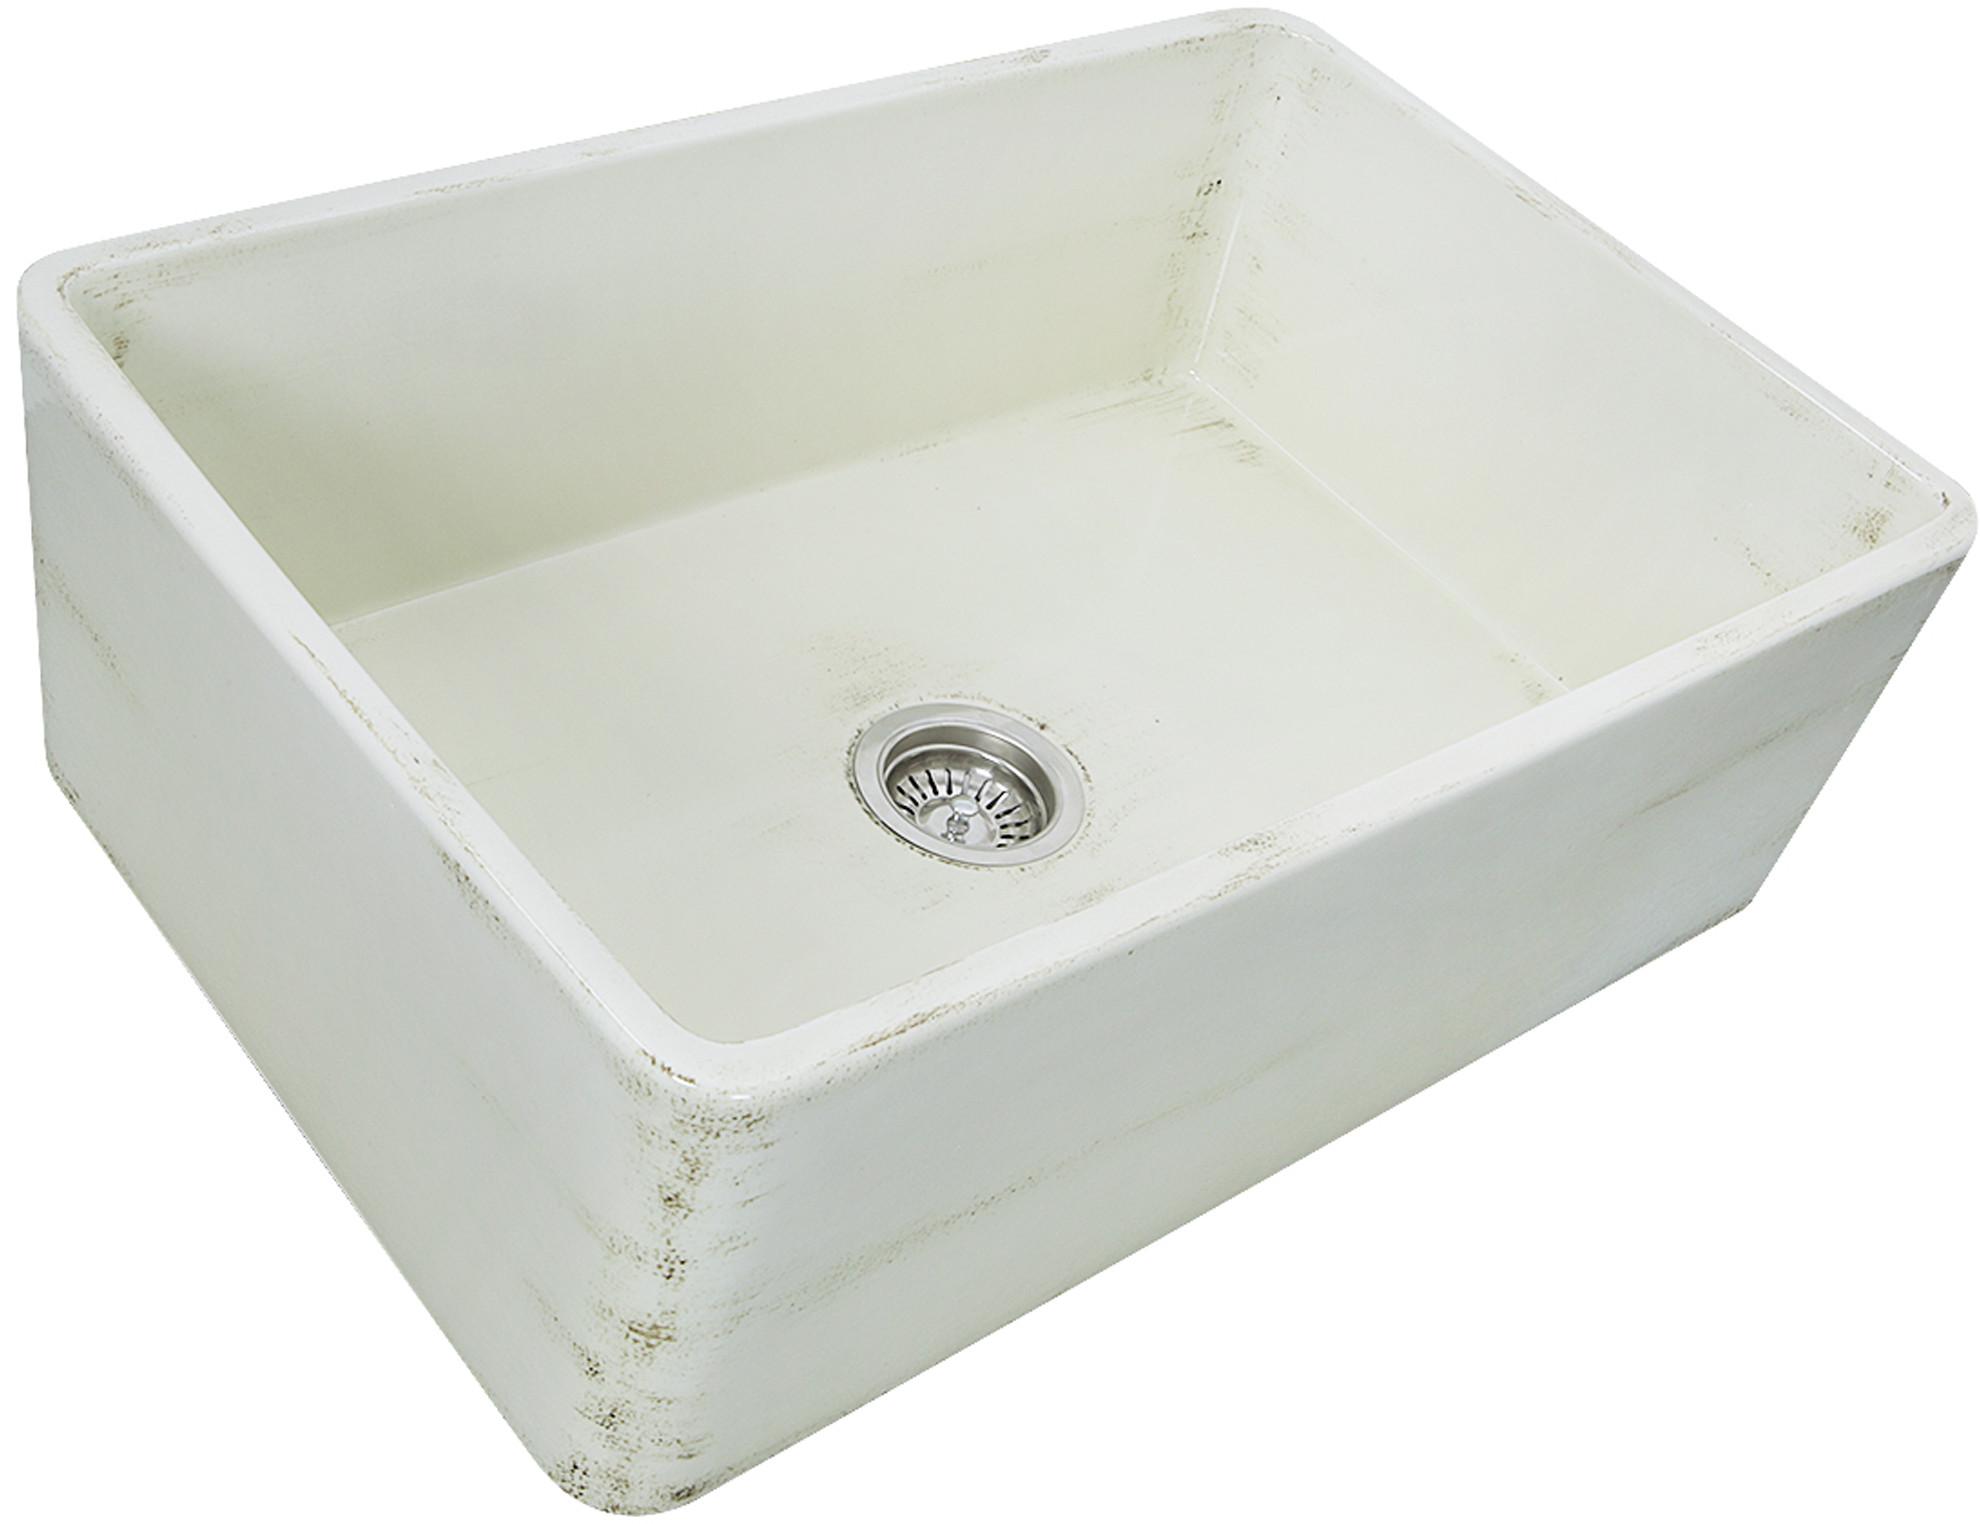 Fireclay Sinks